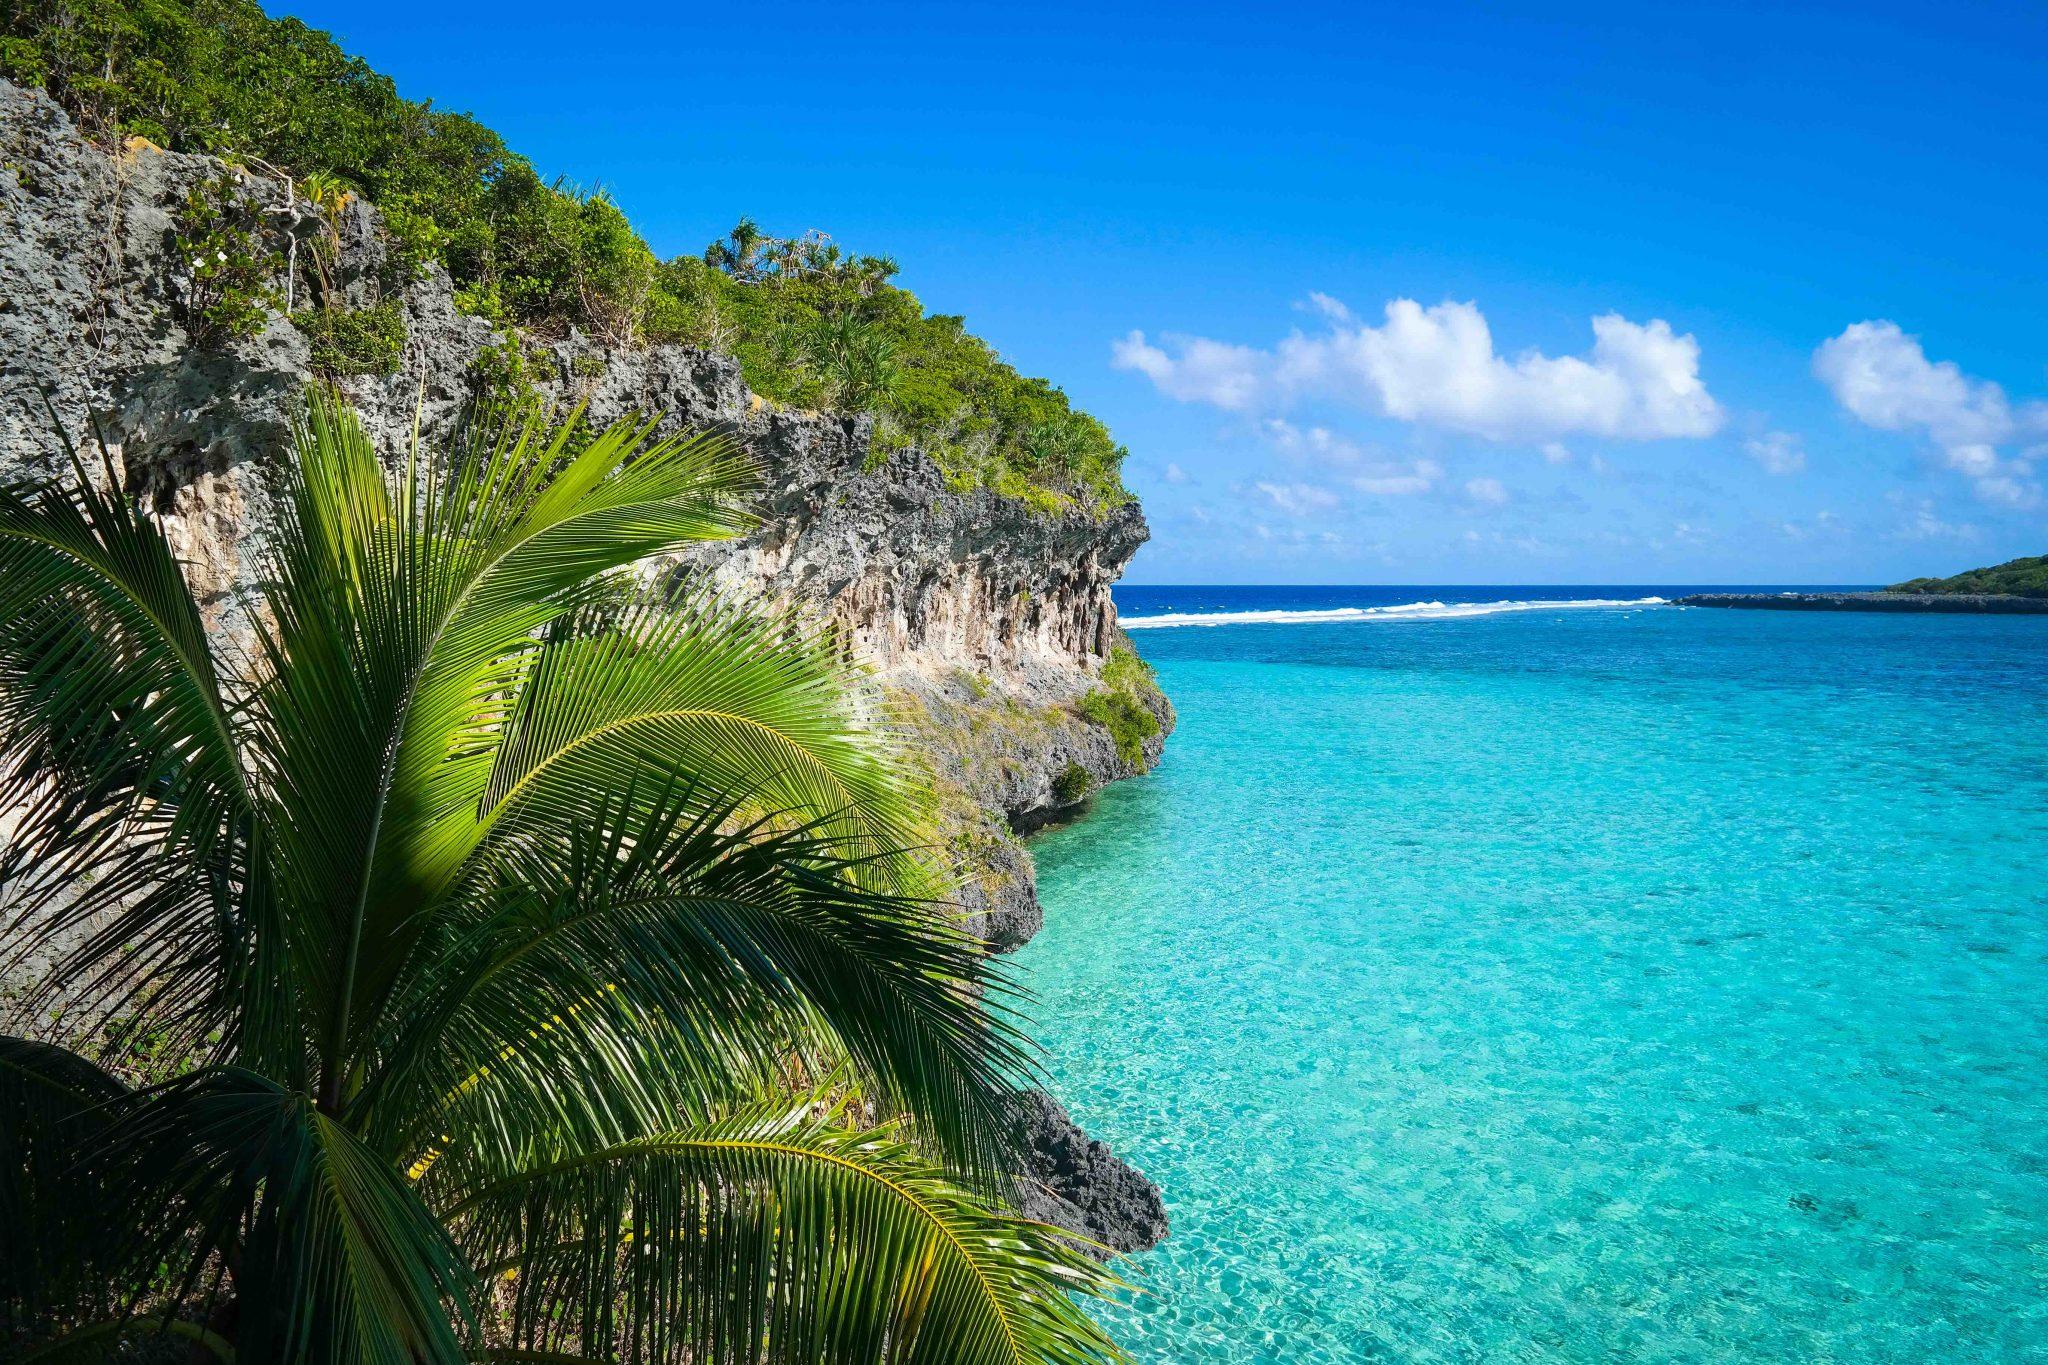 Nieuw-Caledonië: aards paradijs zkt. toeristen - 2